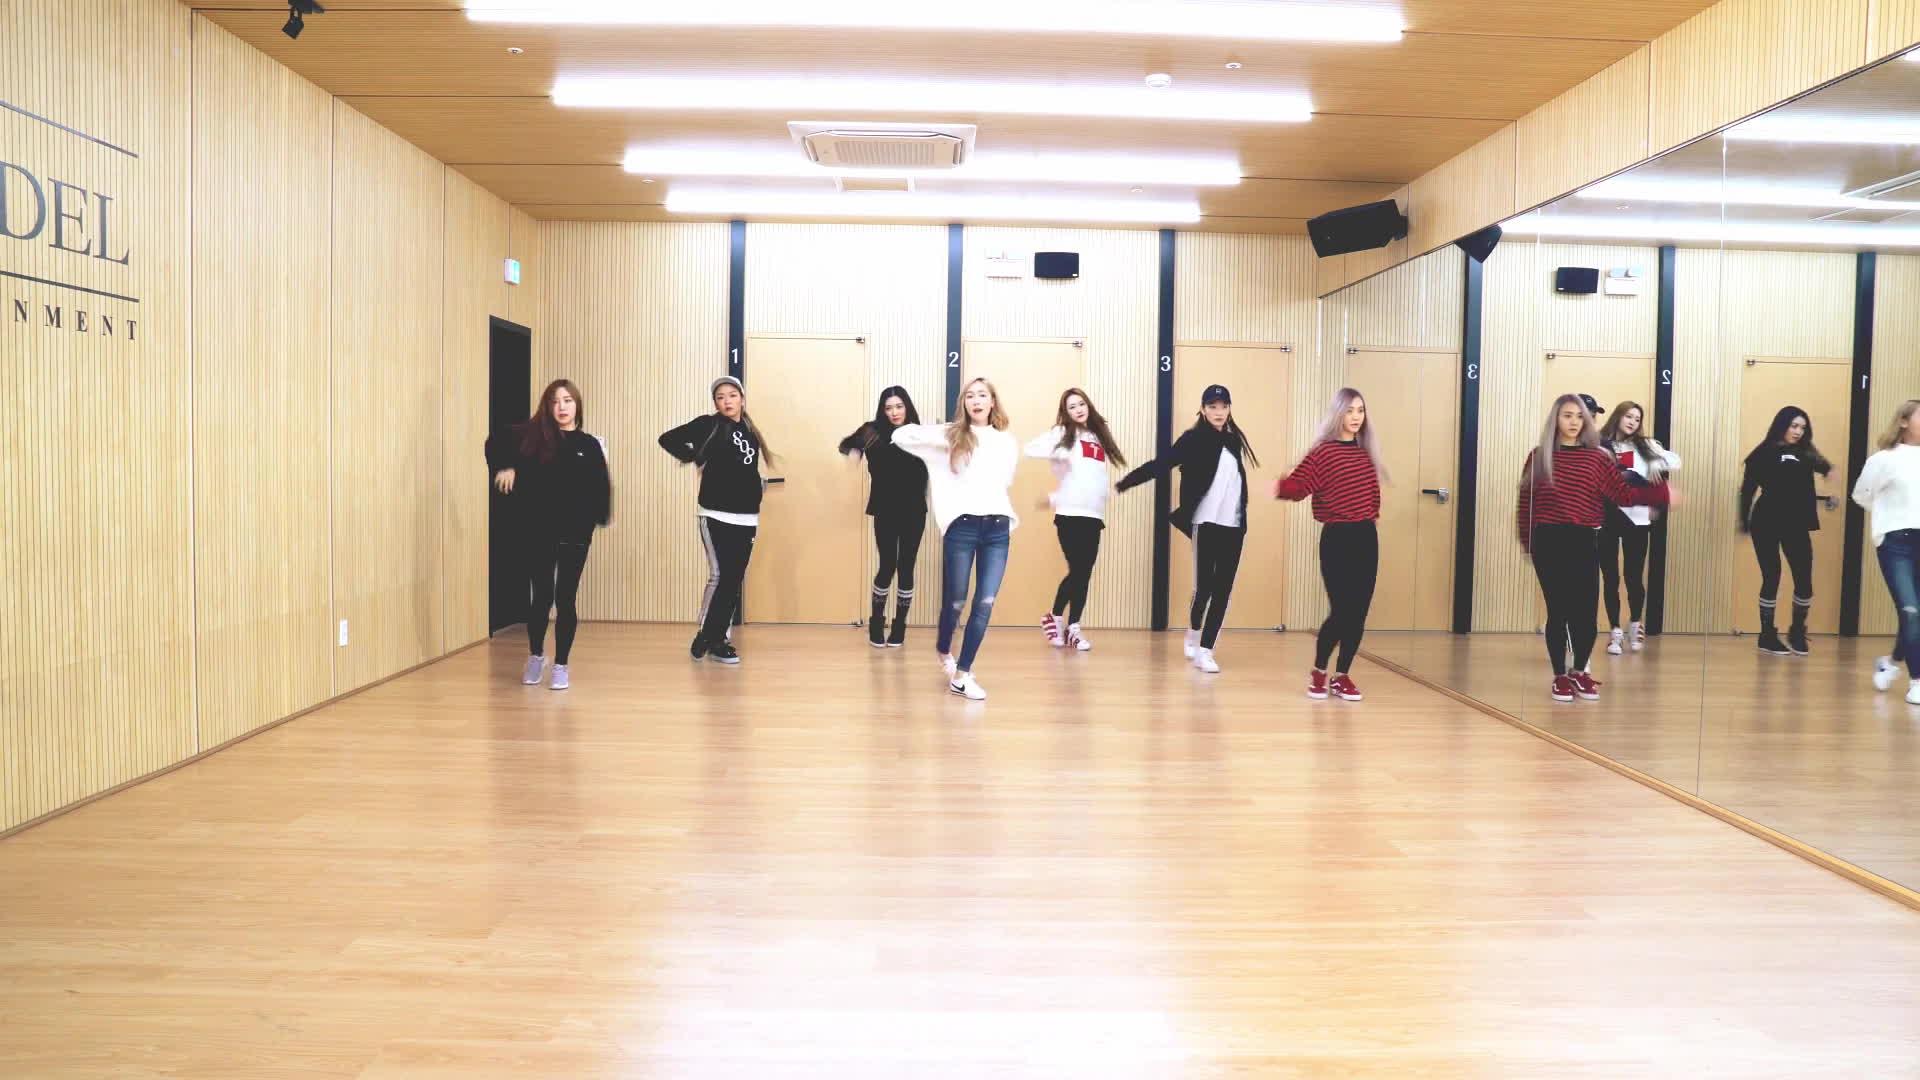 Jessica chẳng thua gì vũ công chuyên nghiệp trong phiên bản dance Wonderland